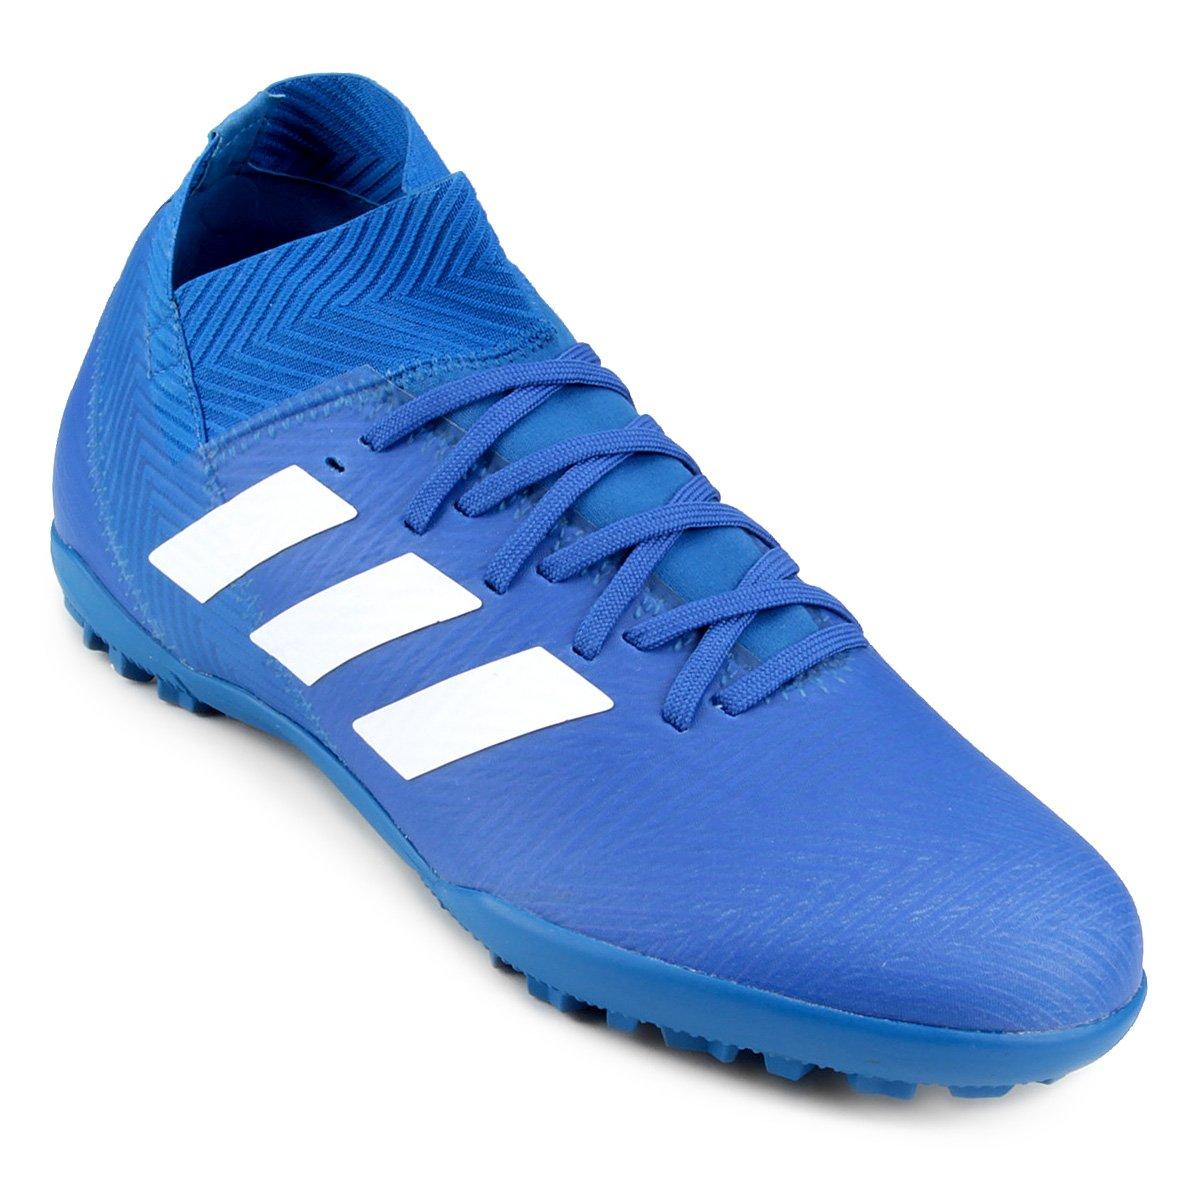 255152c060 Chuteira Society Adidas Nemeziz Tango 18 3 TF - Azul e Branco